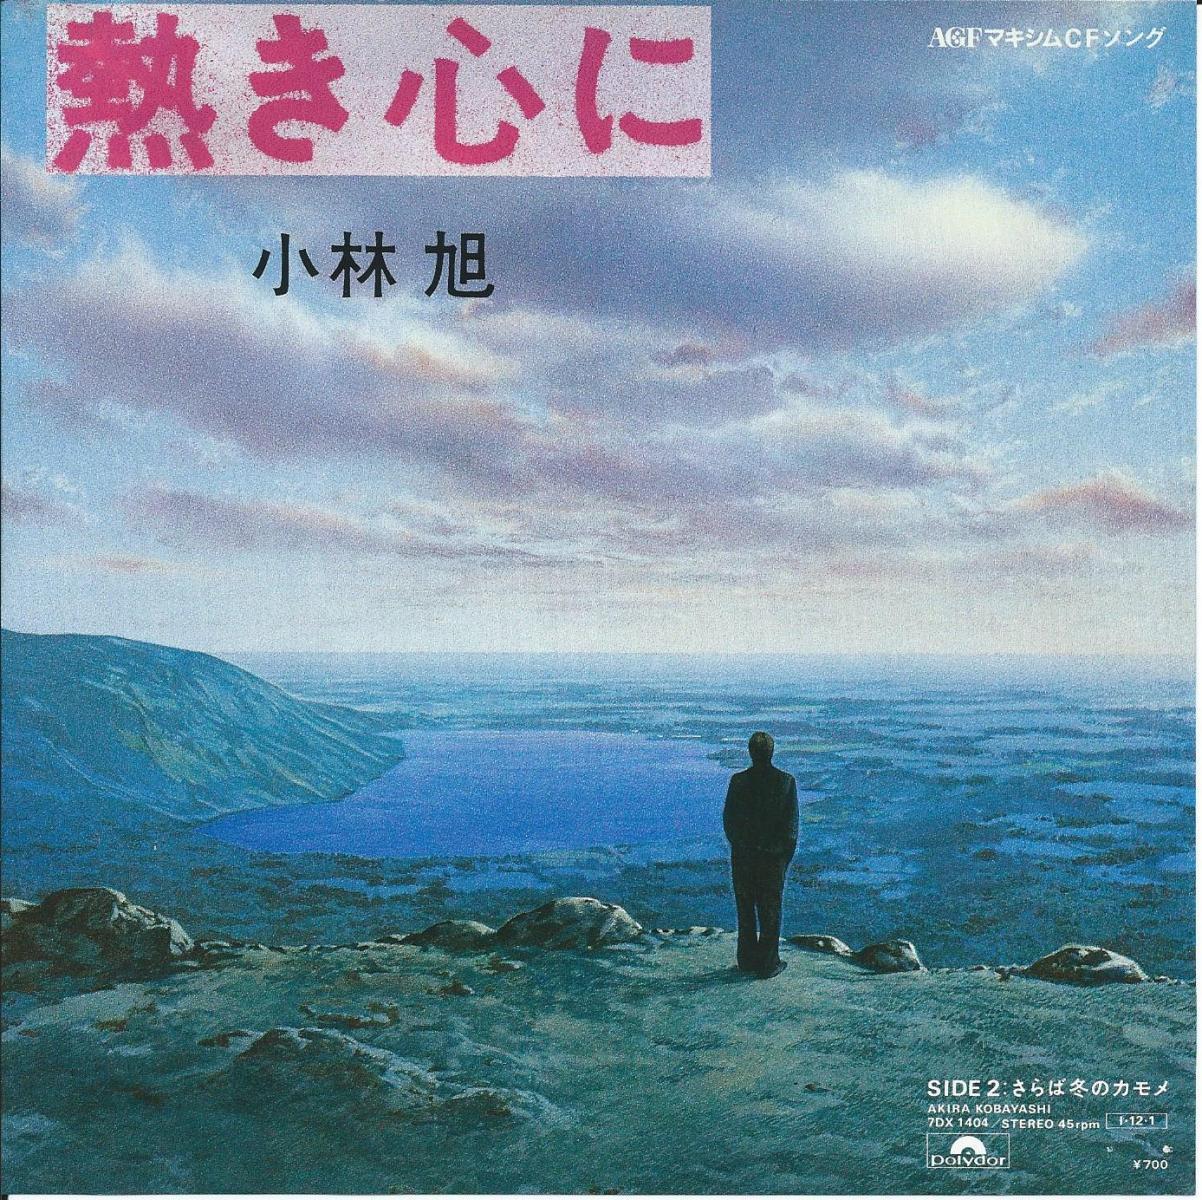 小林旭 (阿久悠 / 大瀧詠一 / 前田憲男) / 熱き心に (AGFマキシムCFソング) (7